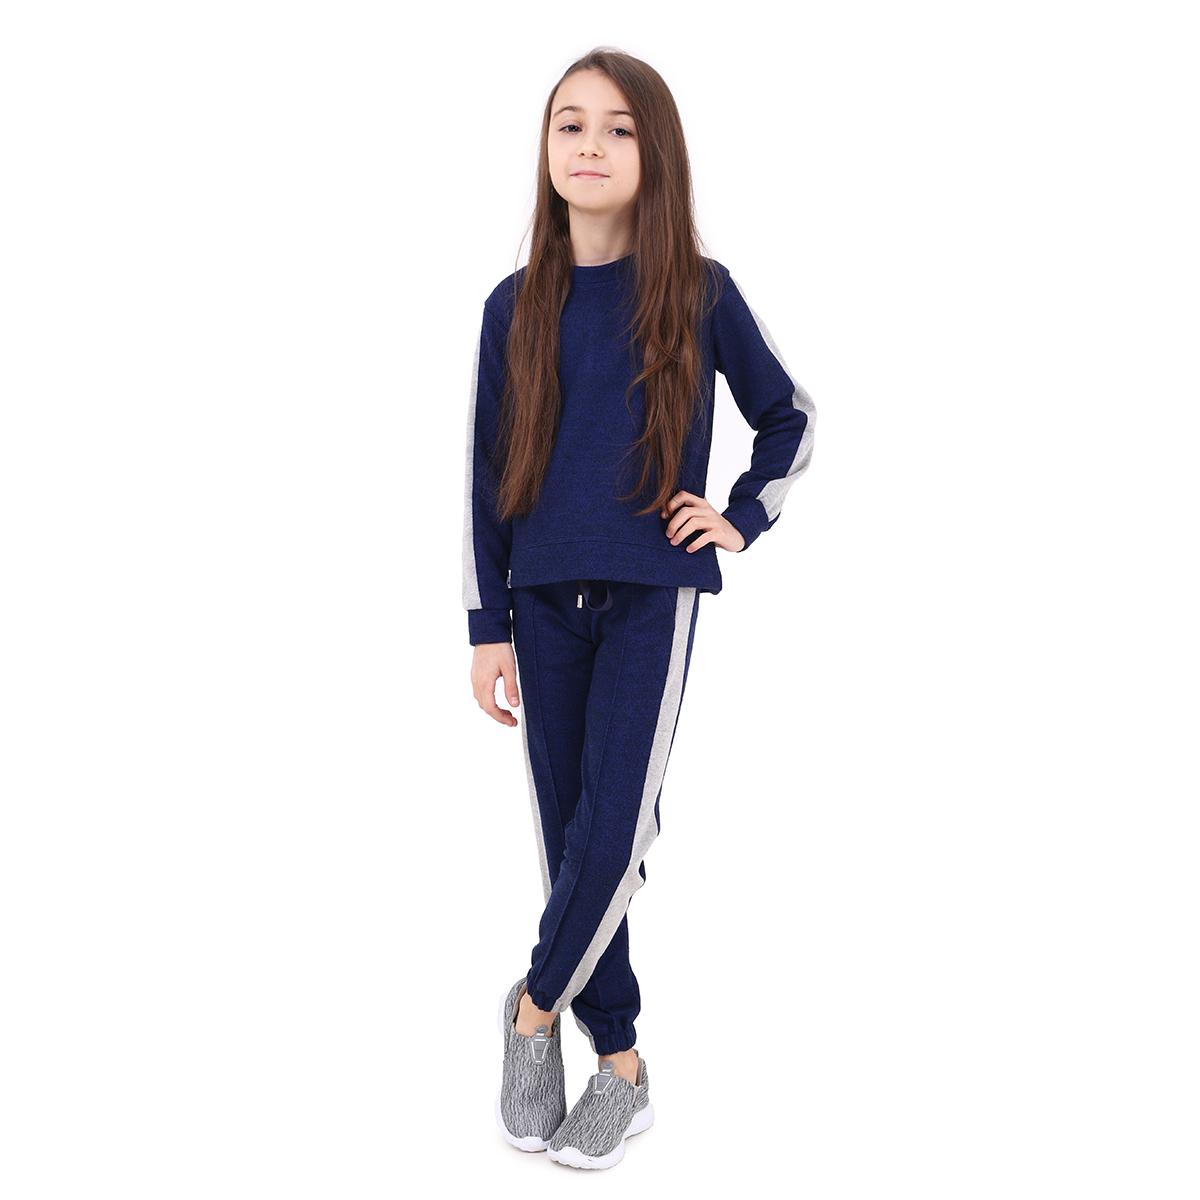 Спортивный костюм для девочки Timbo Martha K045160 синий